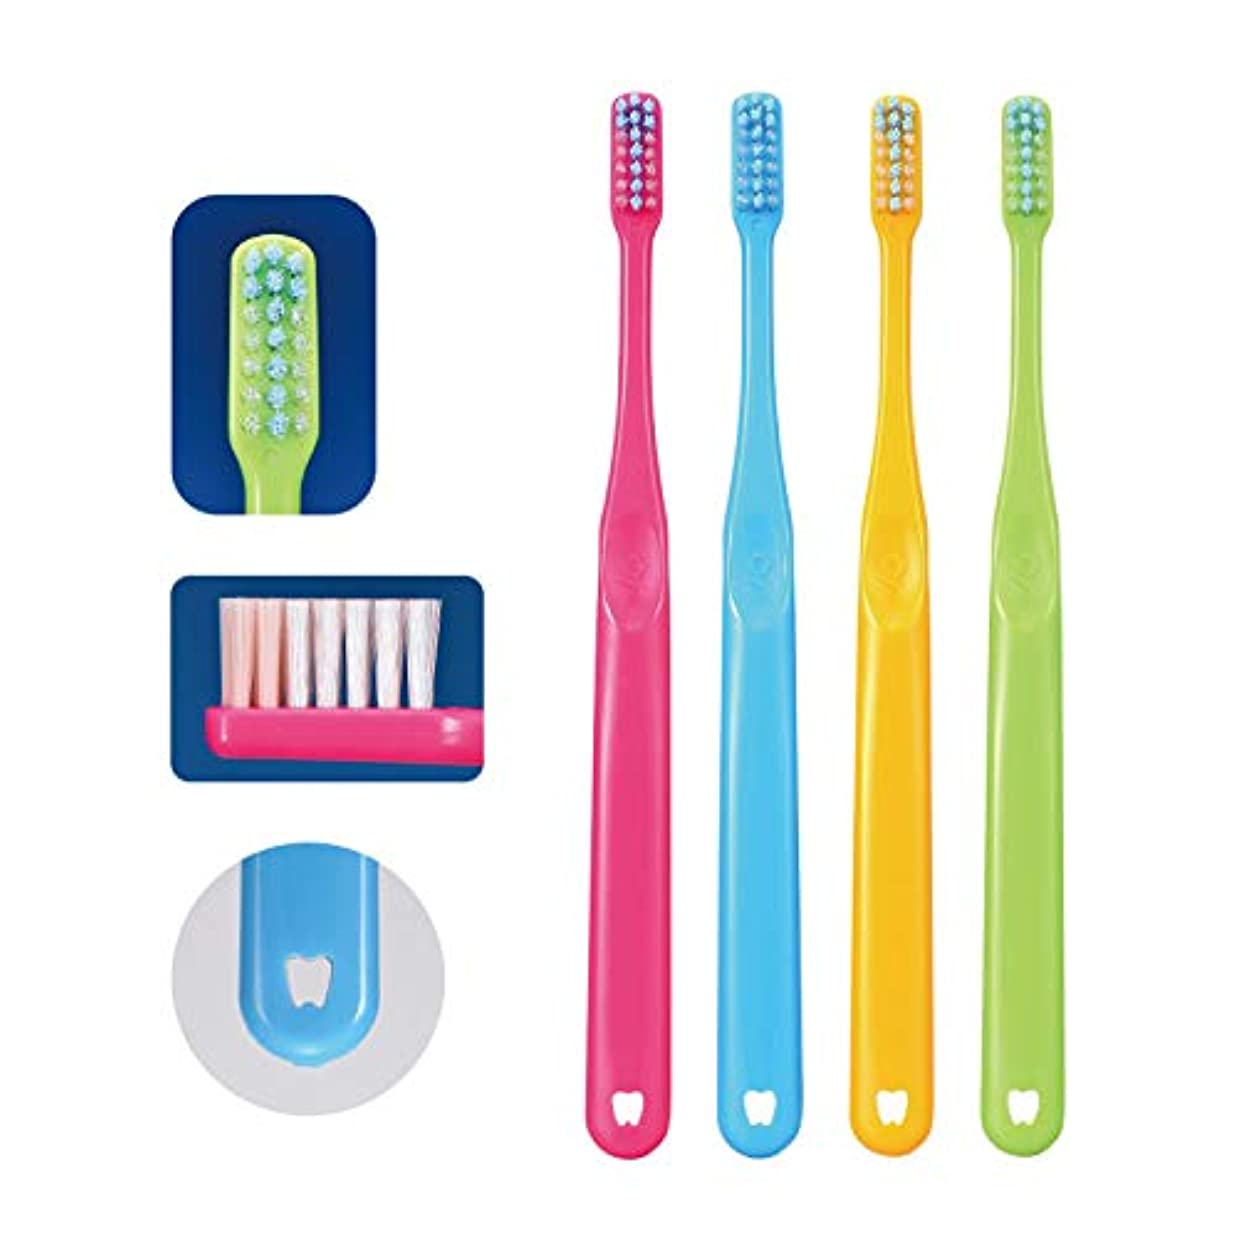 Ci PRO PLUS プロプラス 歯ブラシ 20本 S(やわらかめ) 日本製 プラーク除去 歯科専売品